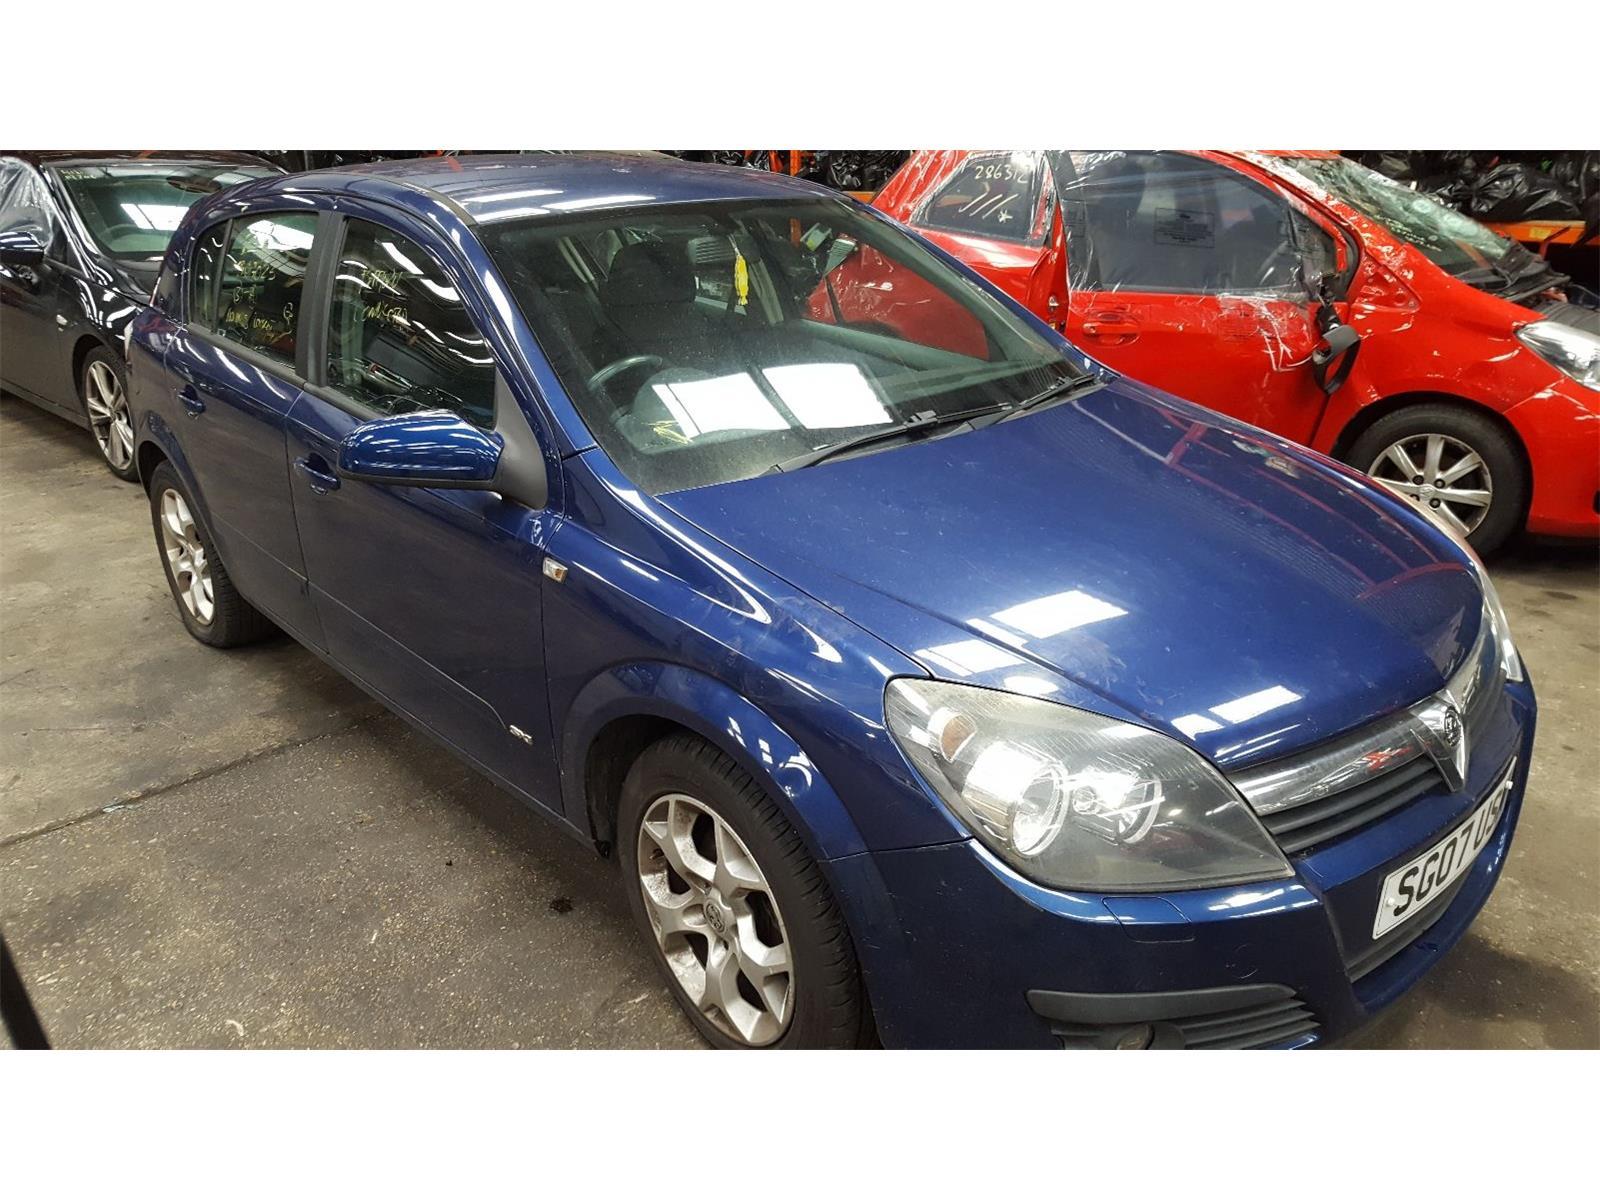 Vauxhall Astra 2006 To 2011 SXi 5 Door Hatchback breaking for parts